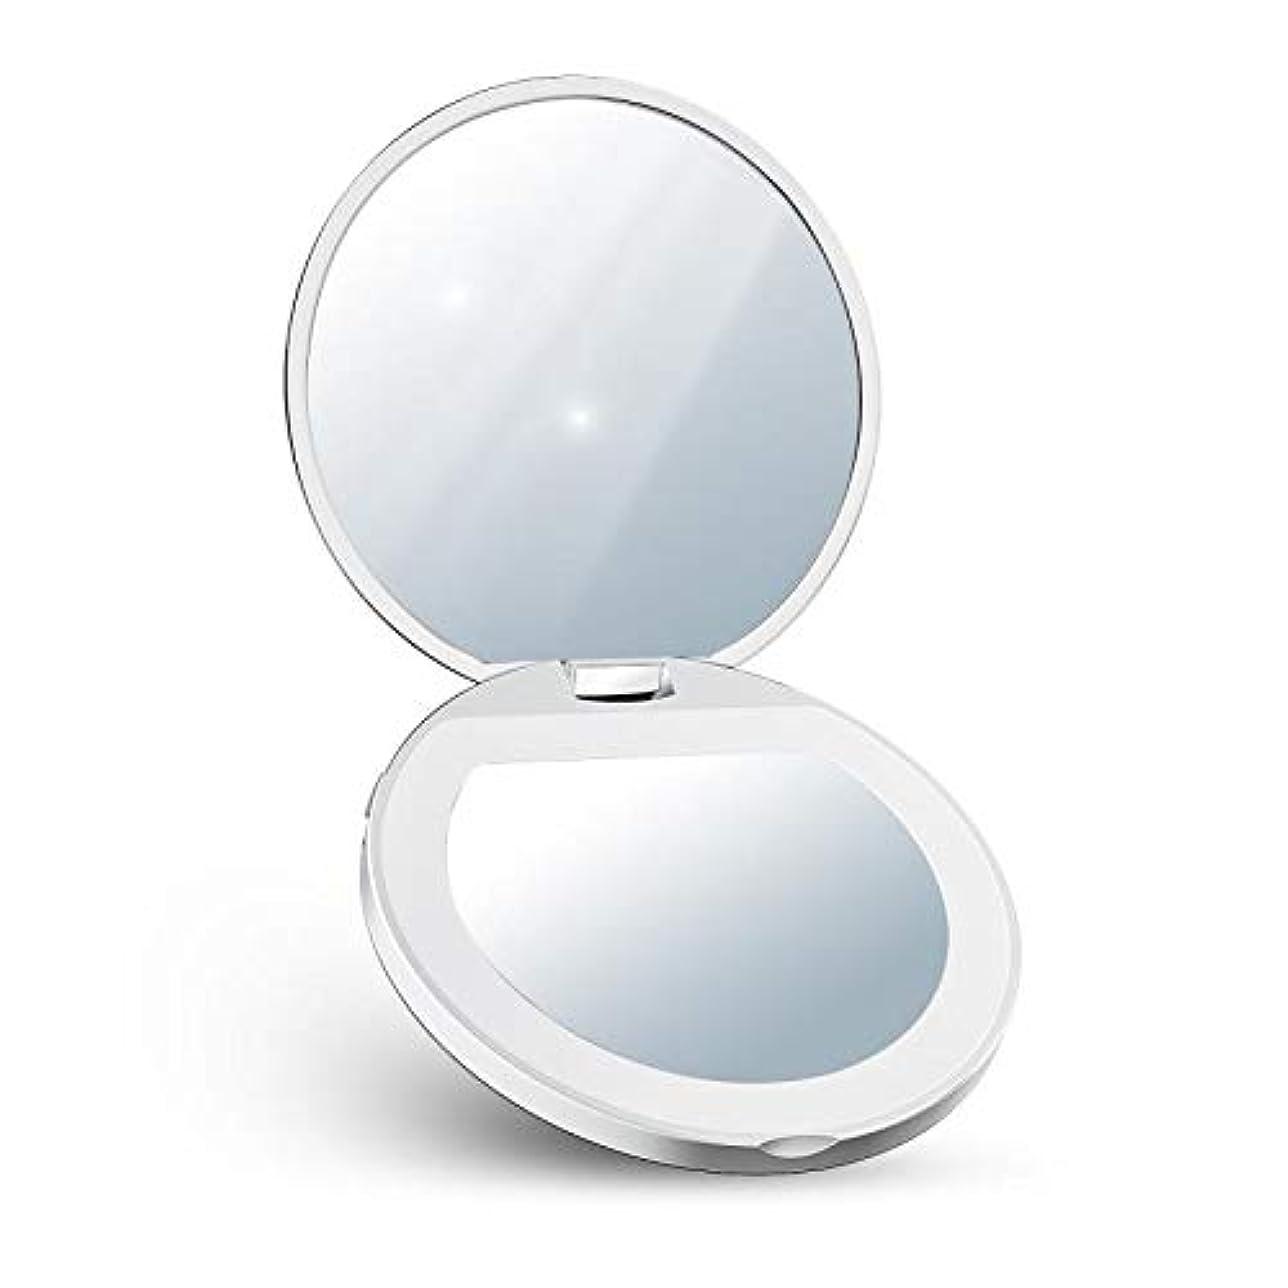 クラックポットうねるティームLED化粧鏡 コンパクト 化粧ミラー 2倍拡大 折りたたみ式 持ちやすい USB充電 明るさ調節可能 両面鏡(ホワイト)